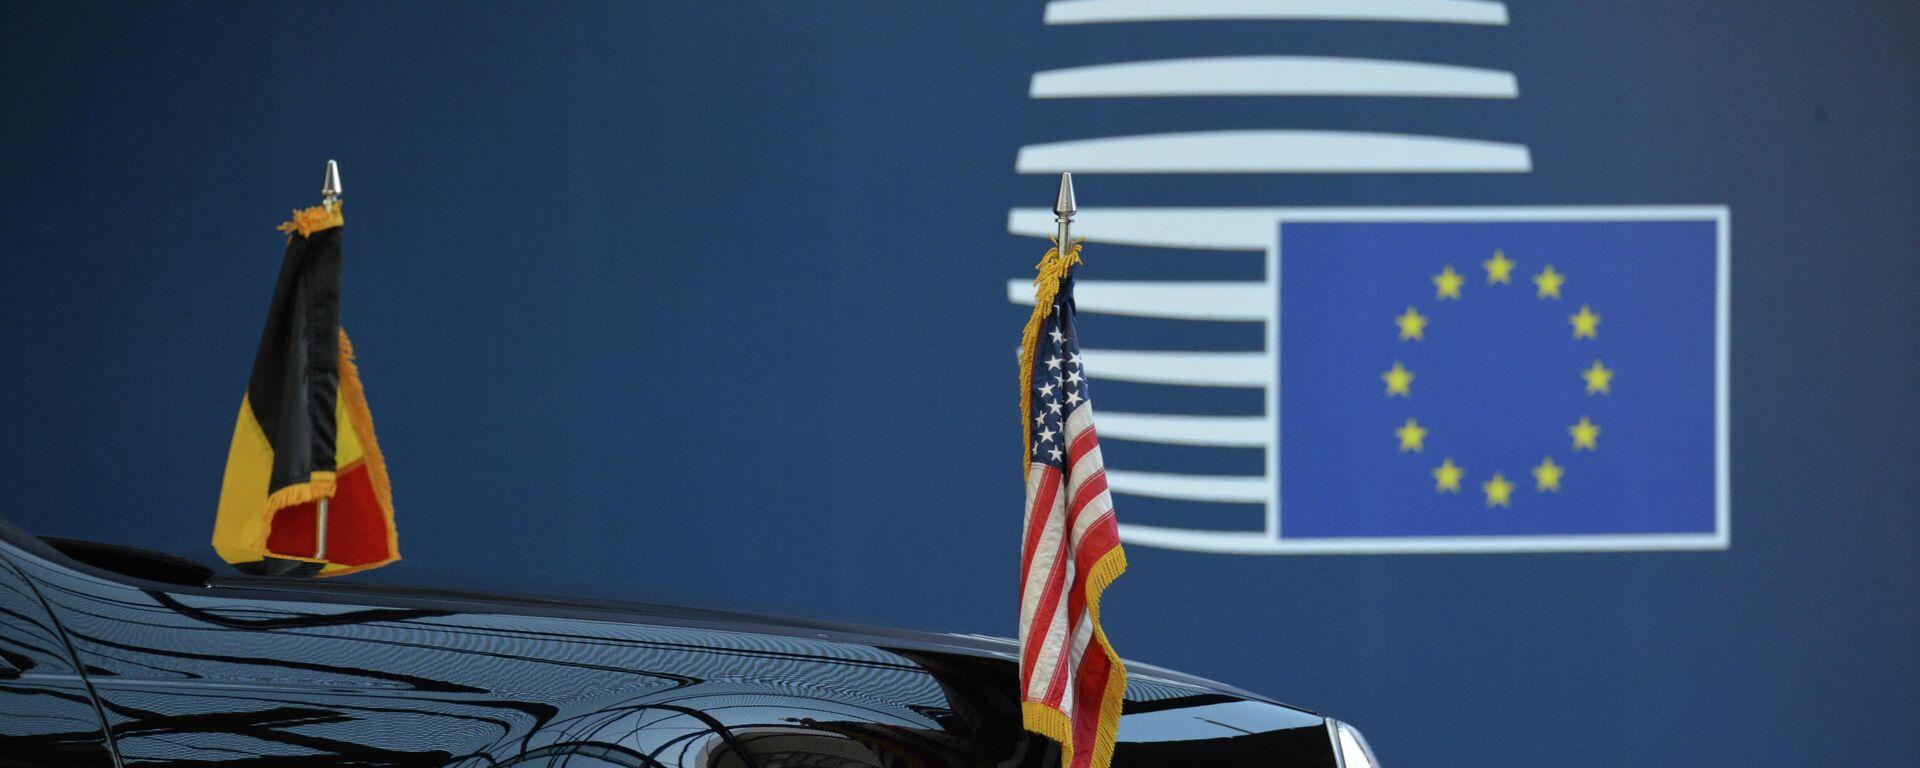 Οι σημαίες ΗΠΑ και ΕΕ - Sputnik Ελλάδα, 1920, 20.09.2021